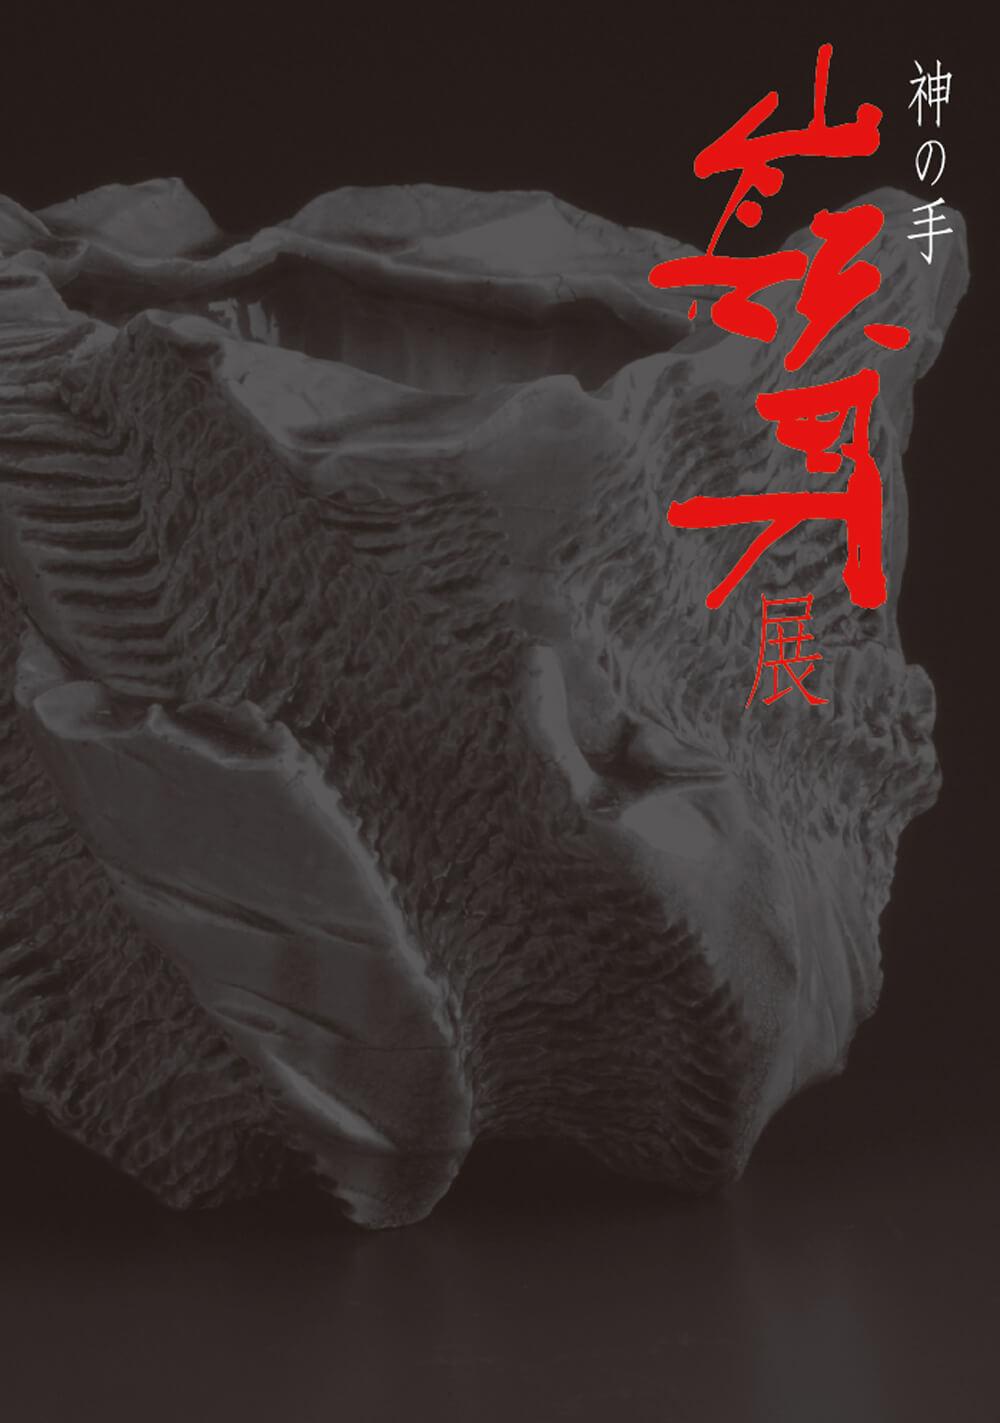 2007年2月1日から開催の「神の手・嶺男展」のDM画像